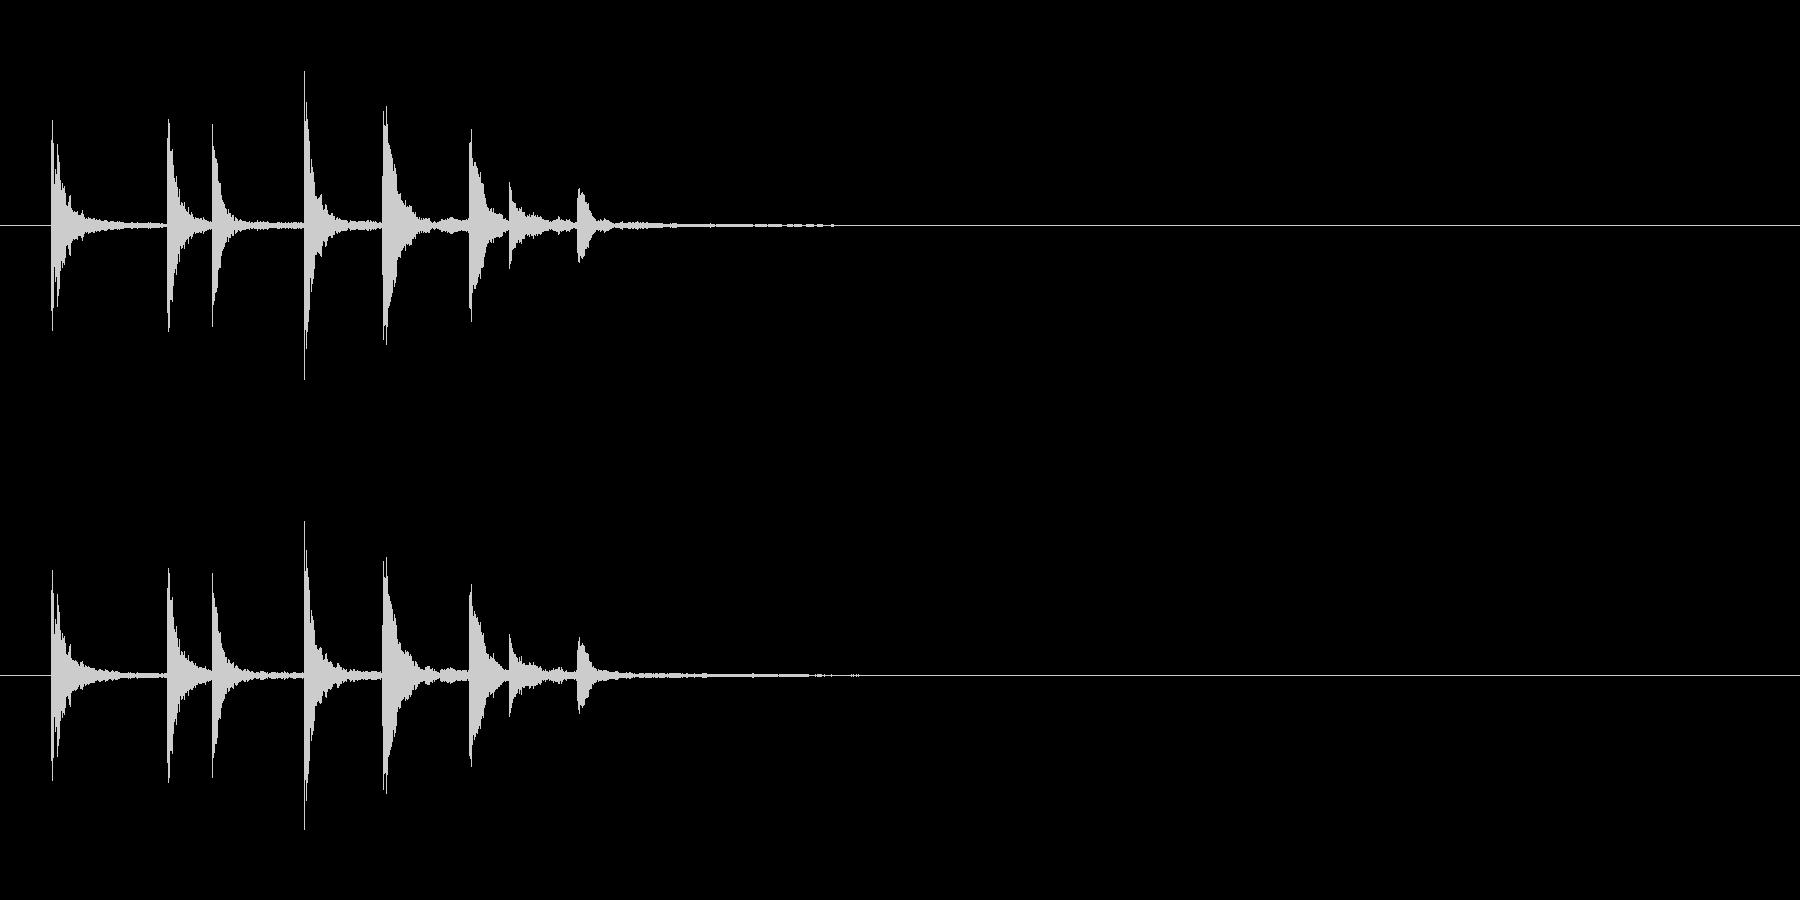 物が落ちる音 7の未再生の波形